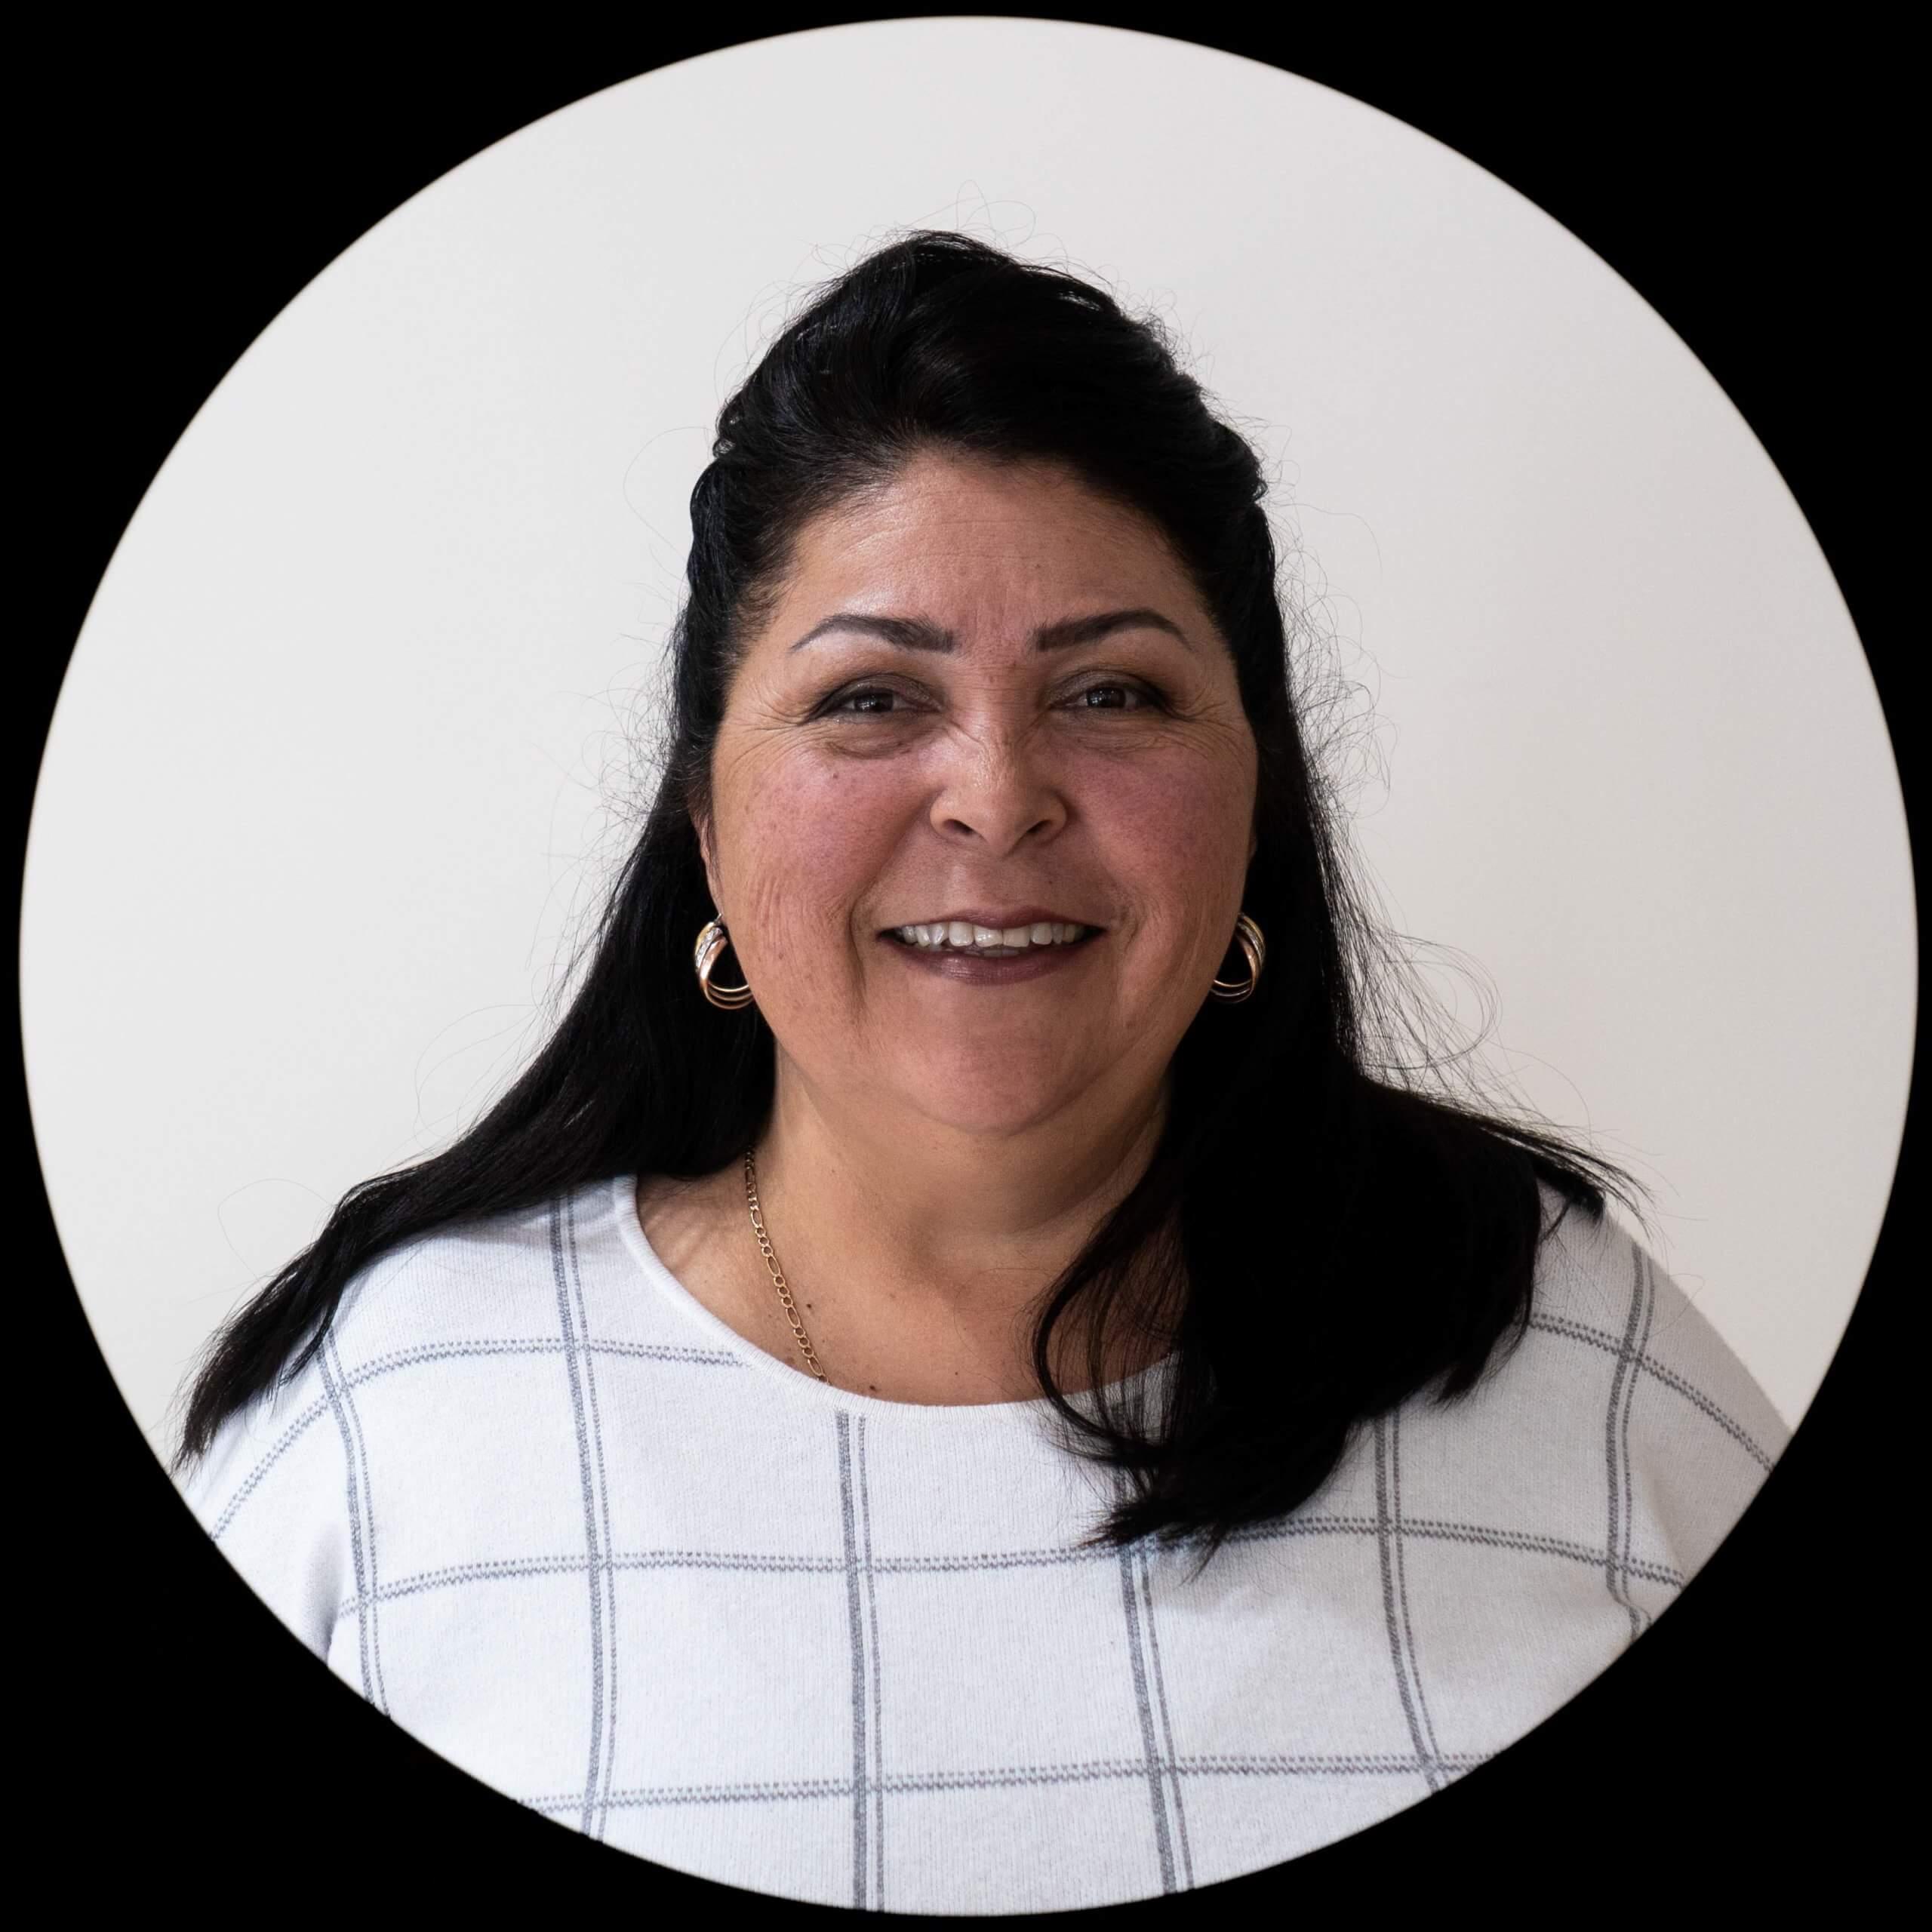 Sandra Soza